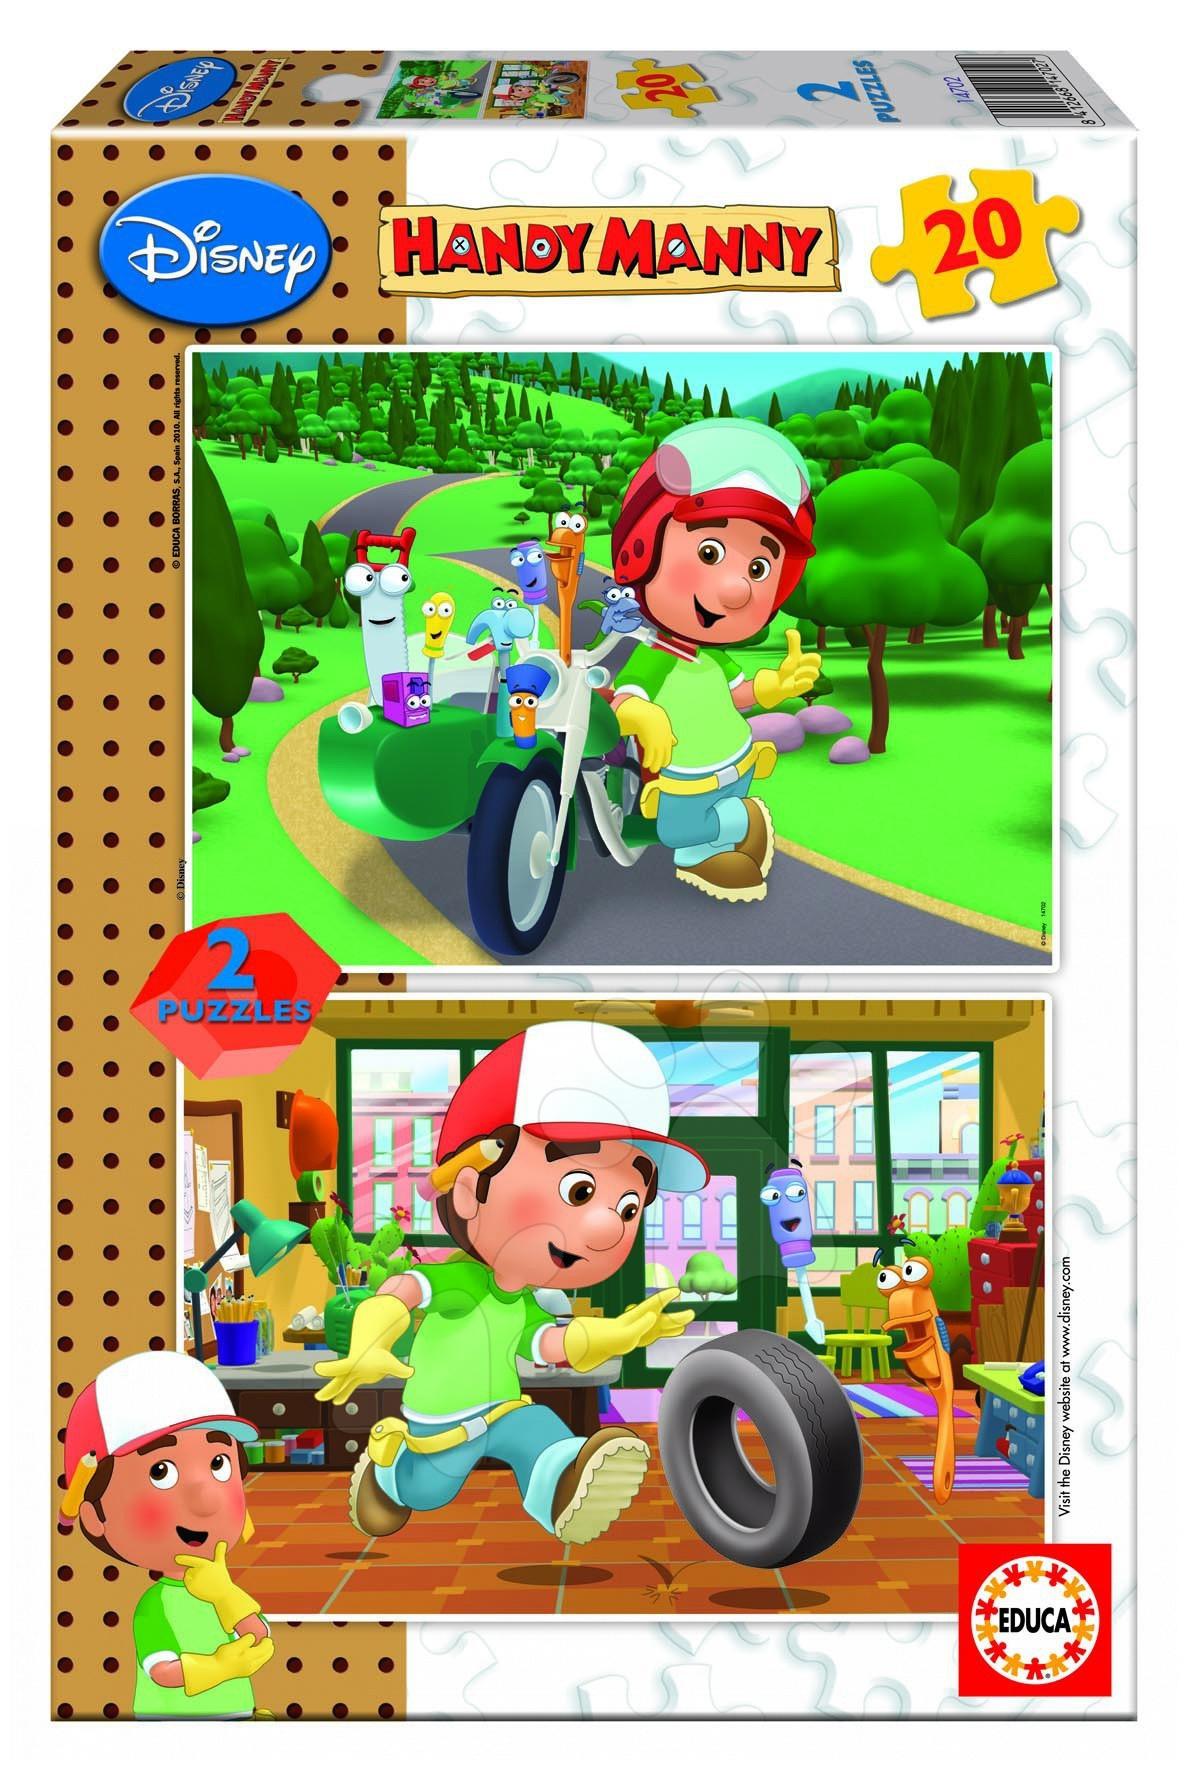 Dětské puzzle do 100 dílků - Disney puzzle Handy Manny Educa 2 x 20 dílů